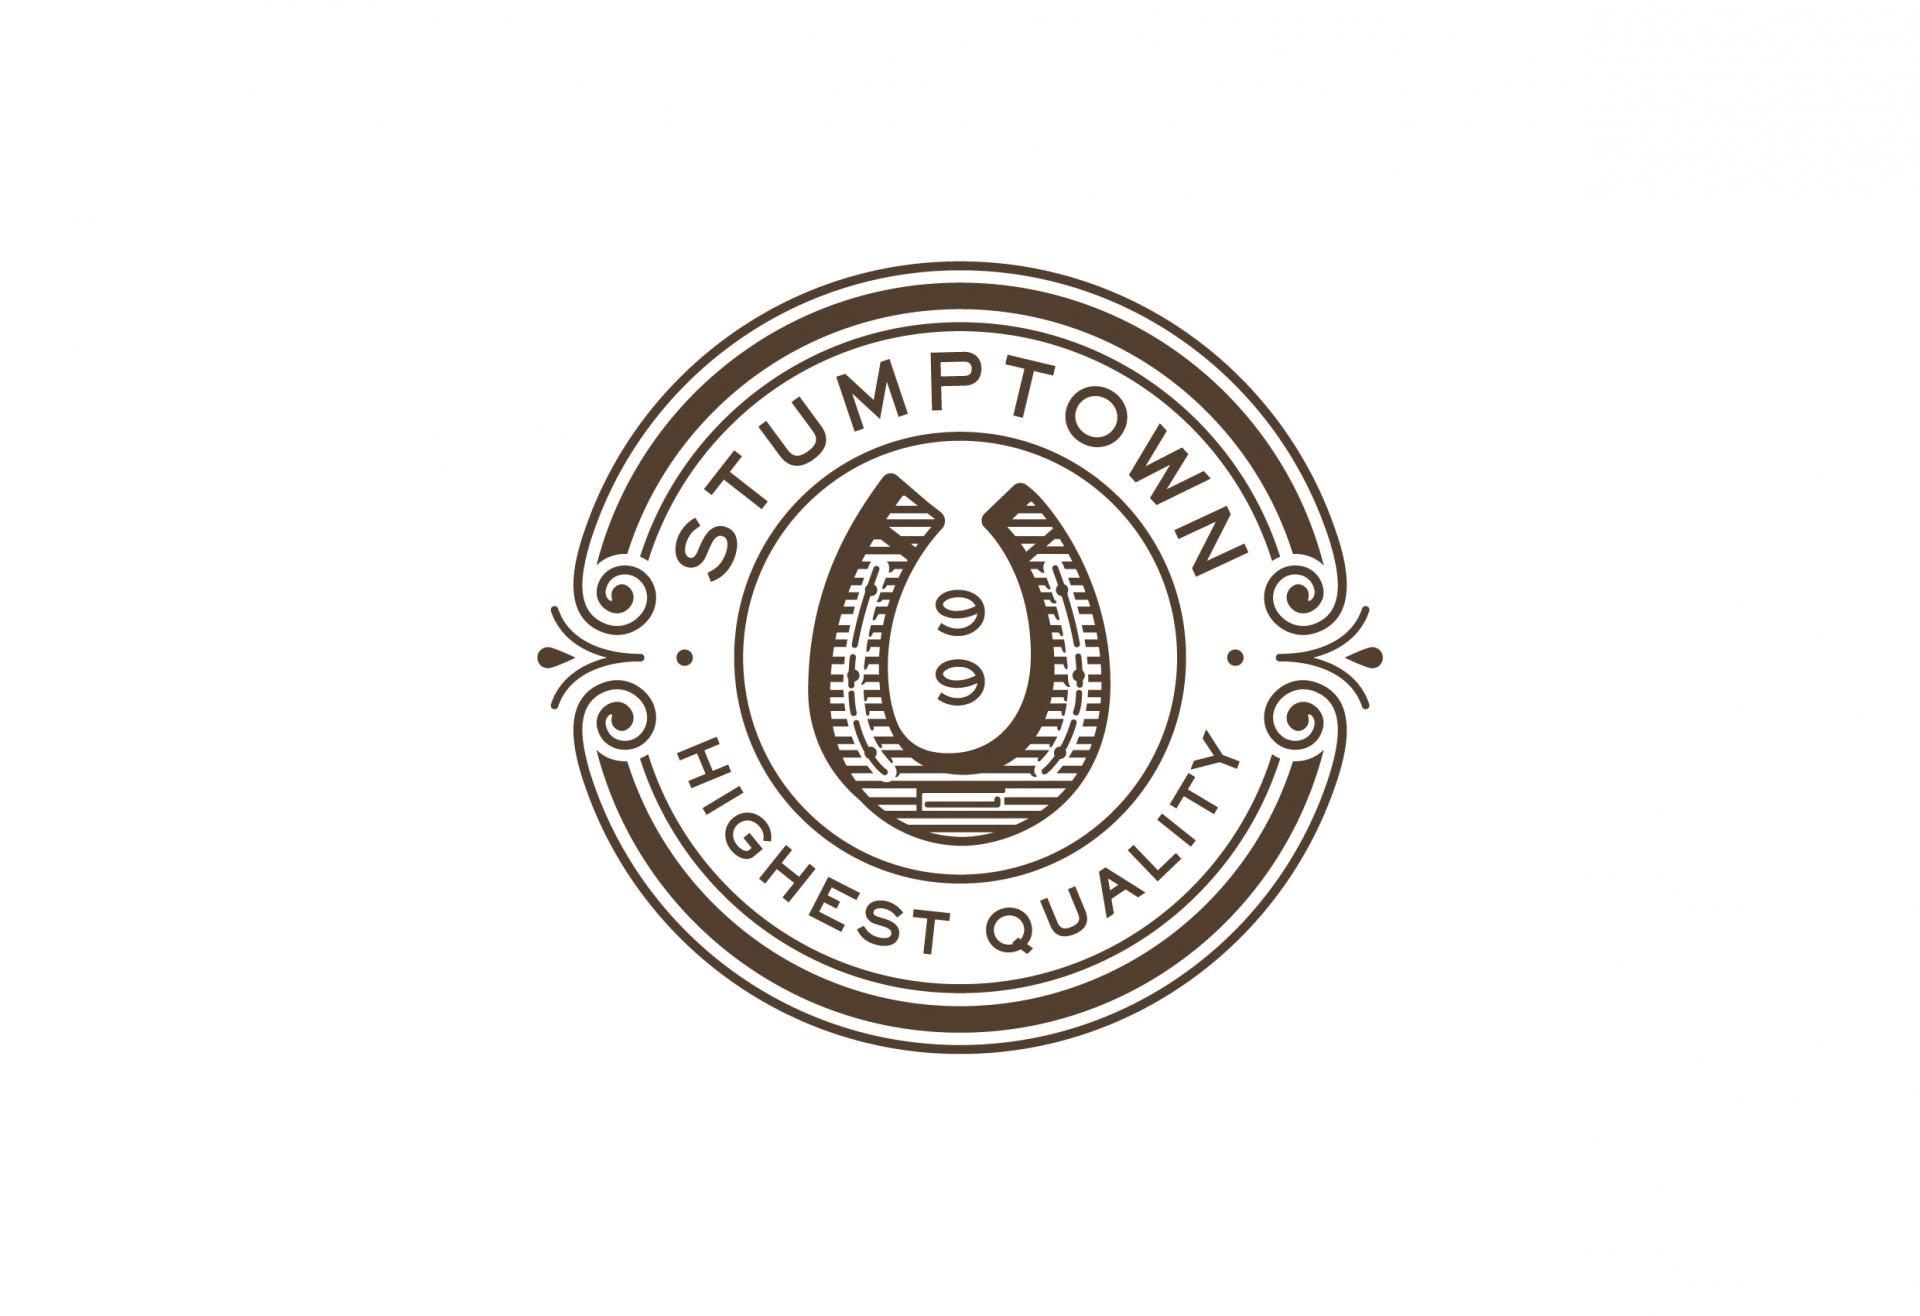 Stumptown Coffee Roasters Seal Stumptown Coffee Roasters Stumptown Coffee Marks